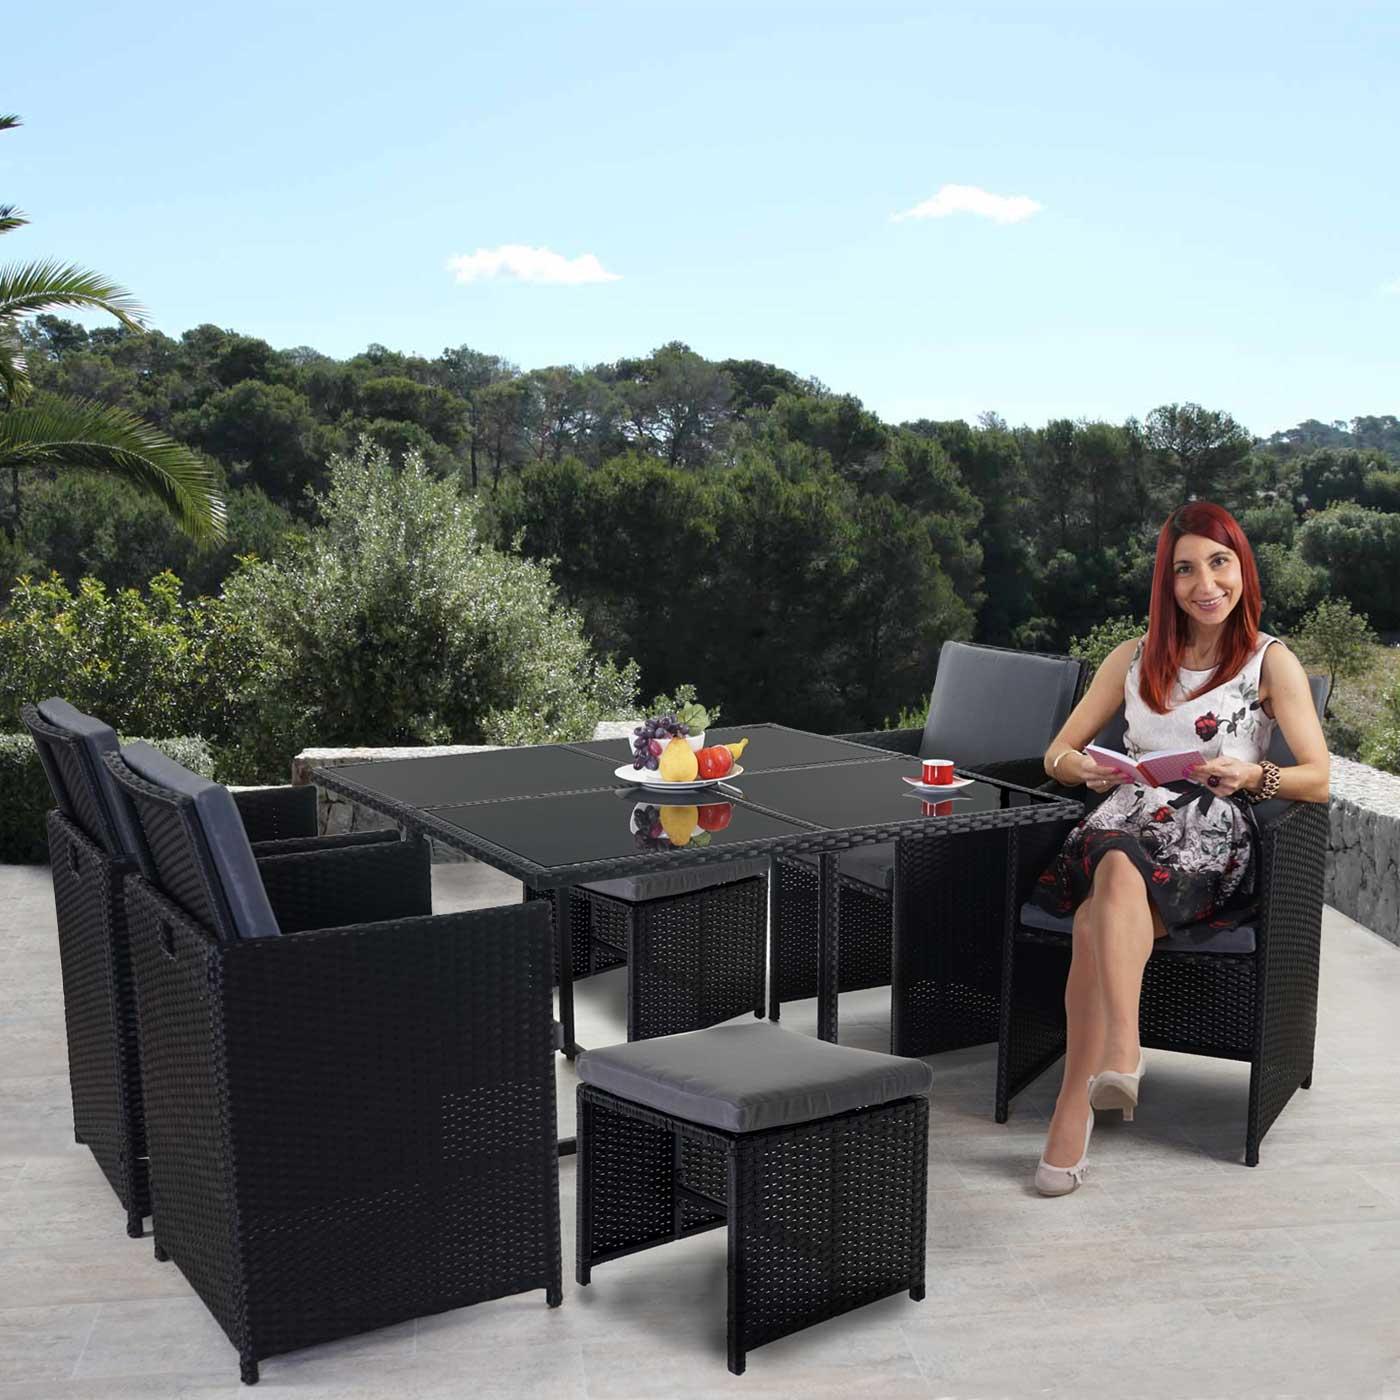 Details zu Poly-Rattan Garten-Garnitur Korfu, Sitzgruppe, 4 Stühle schwarz,  Kissen grau